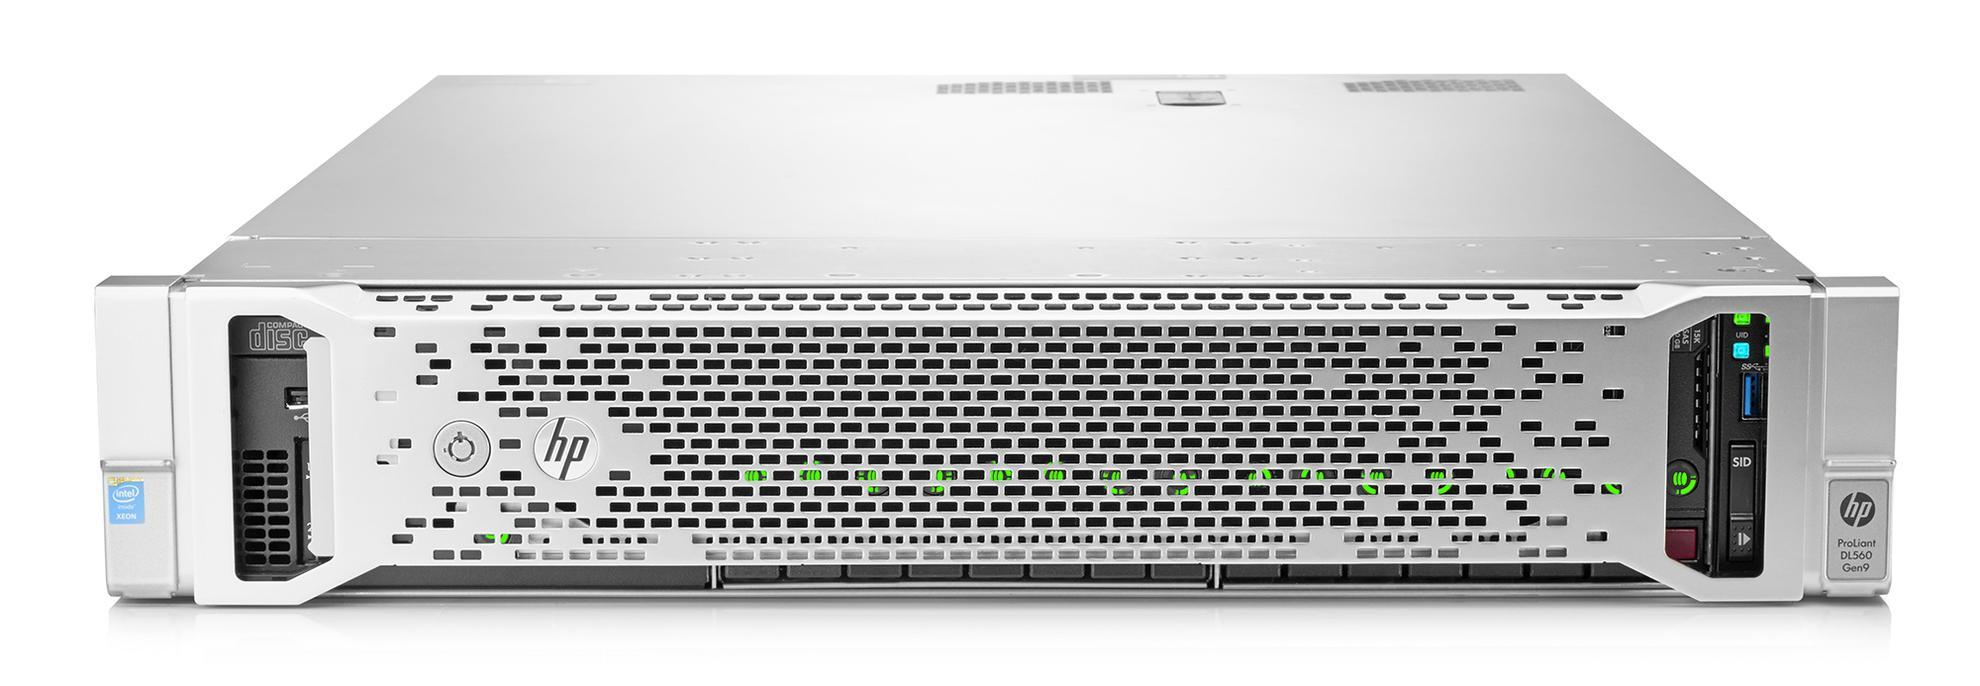 741064-B21 ������ HP Proliant DL560 Gen9 E5-4610v3/741064-B21